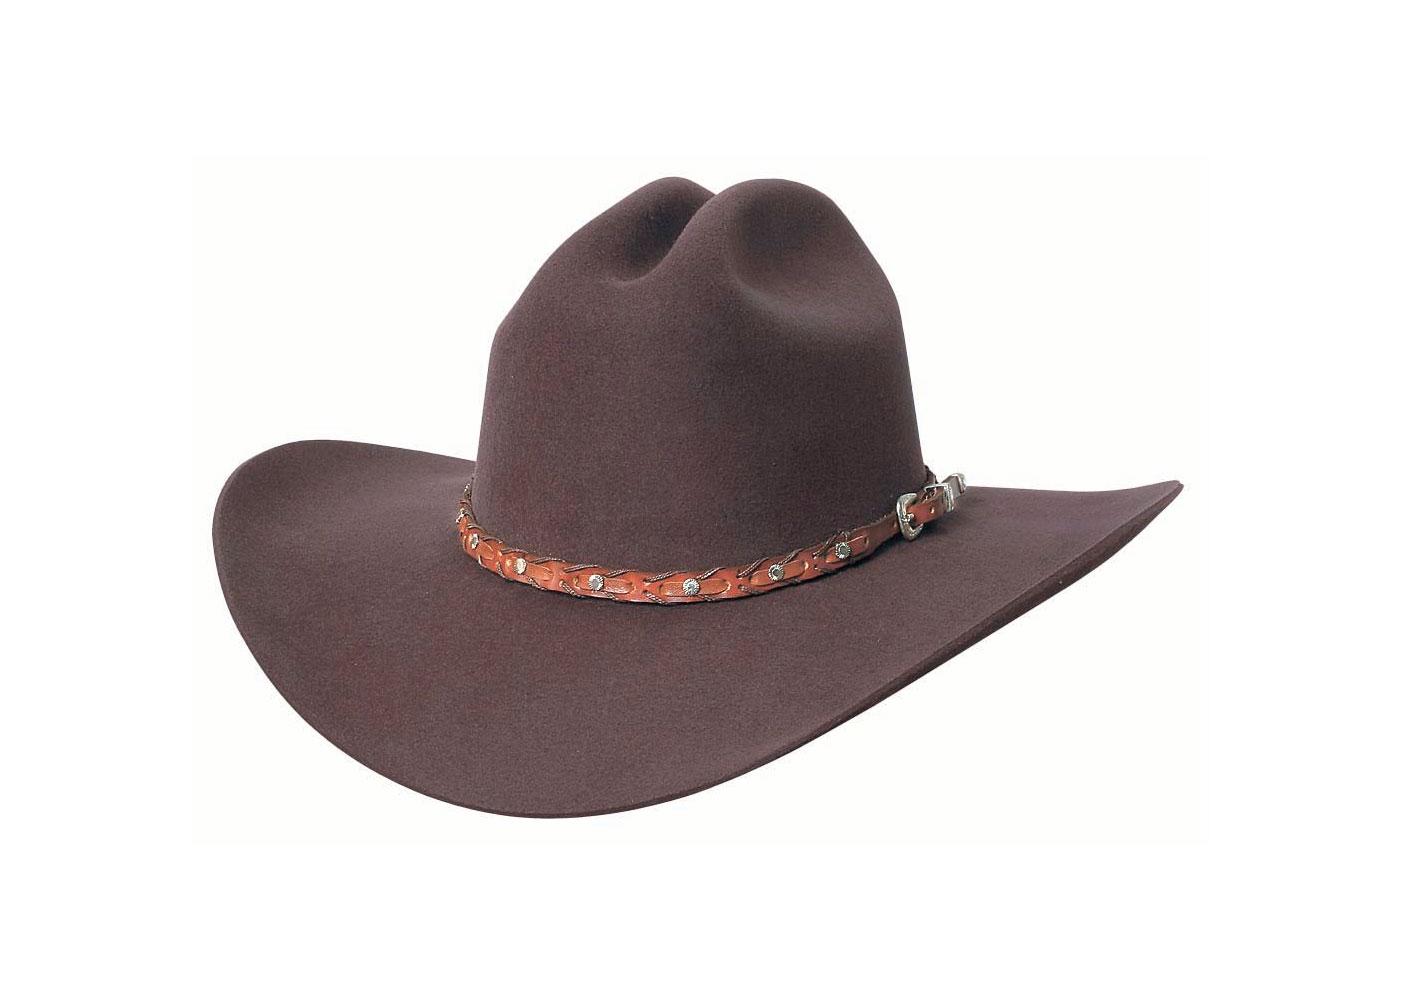 BULLHIDE Pistol Pete 6x Chocolate Cowboy Hat (0397CH)